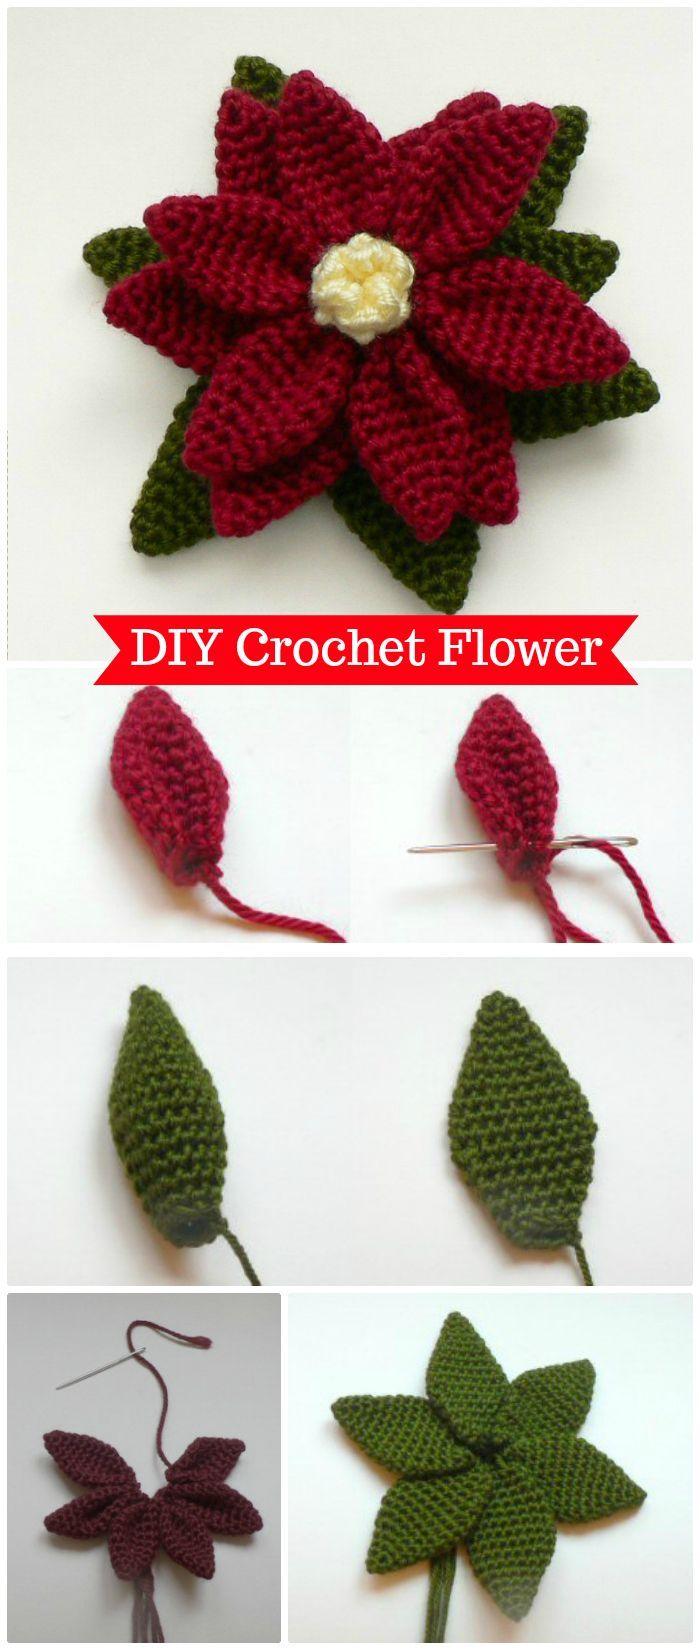 Best 25 easy crochet flower ideas on pinterest diy crochet crochet flowers 90 free crochet flower patterns page 2 of 18 bankloansurffo Gallery